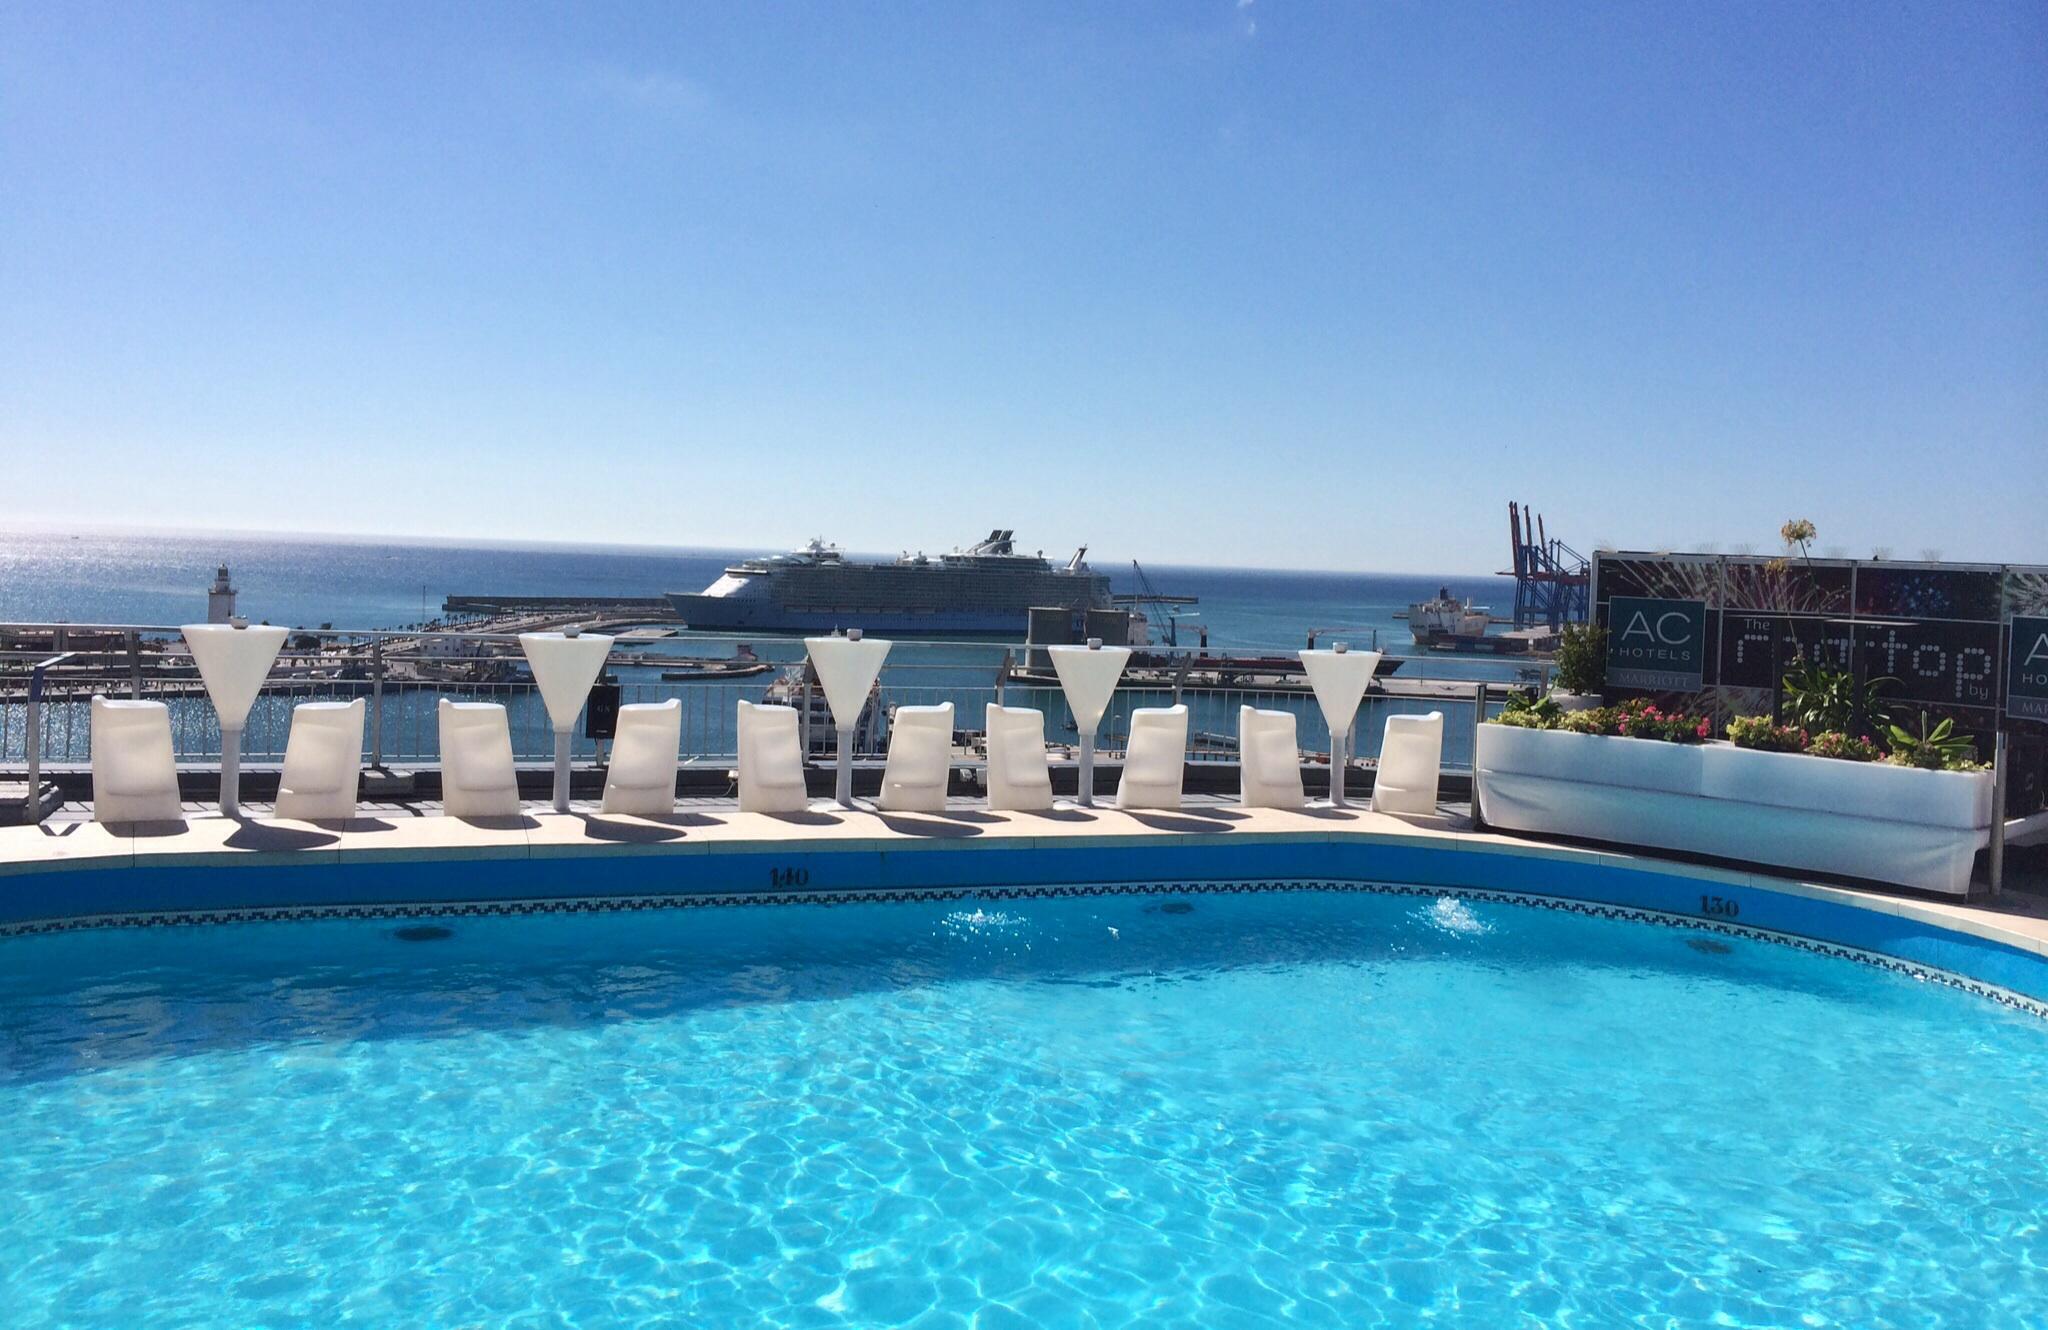 Hotel Review Ac Hotel Malaga Palacio Reijosfood